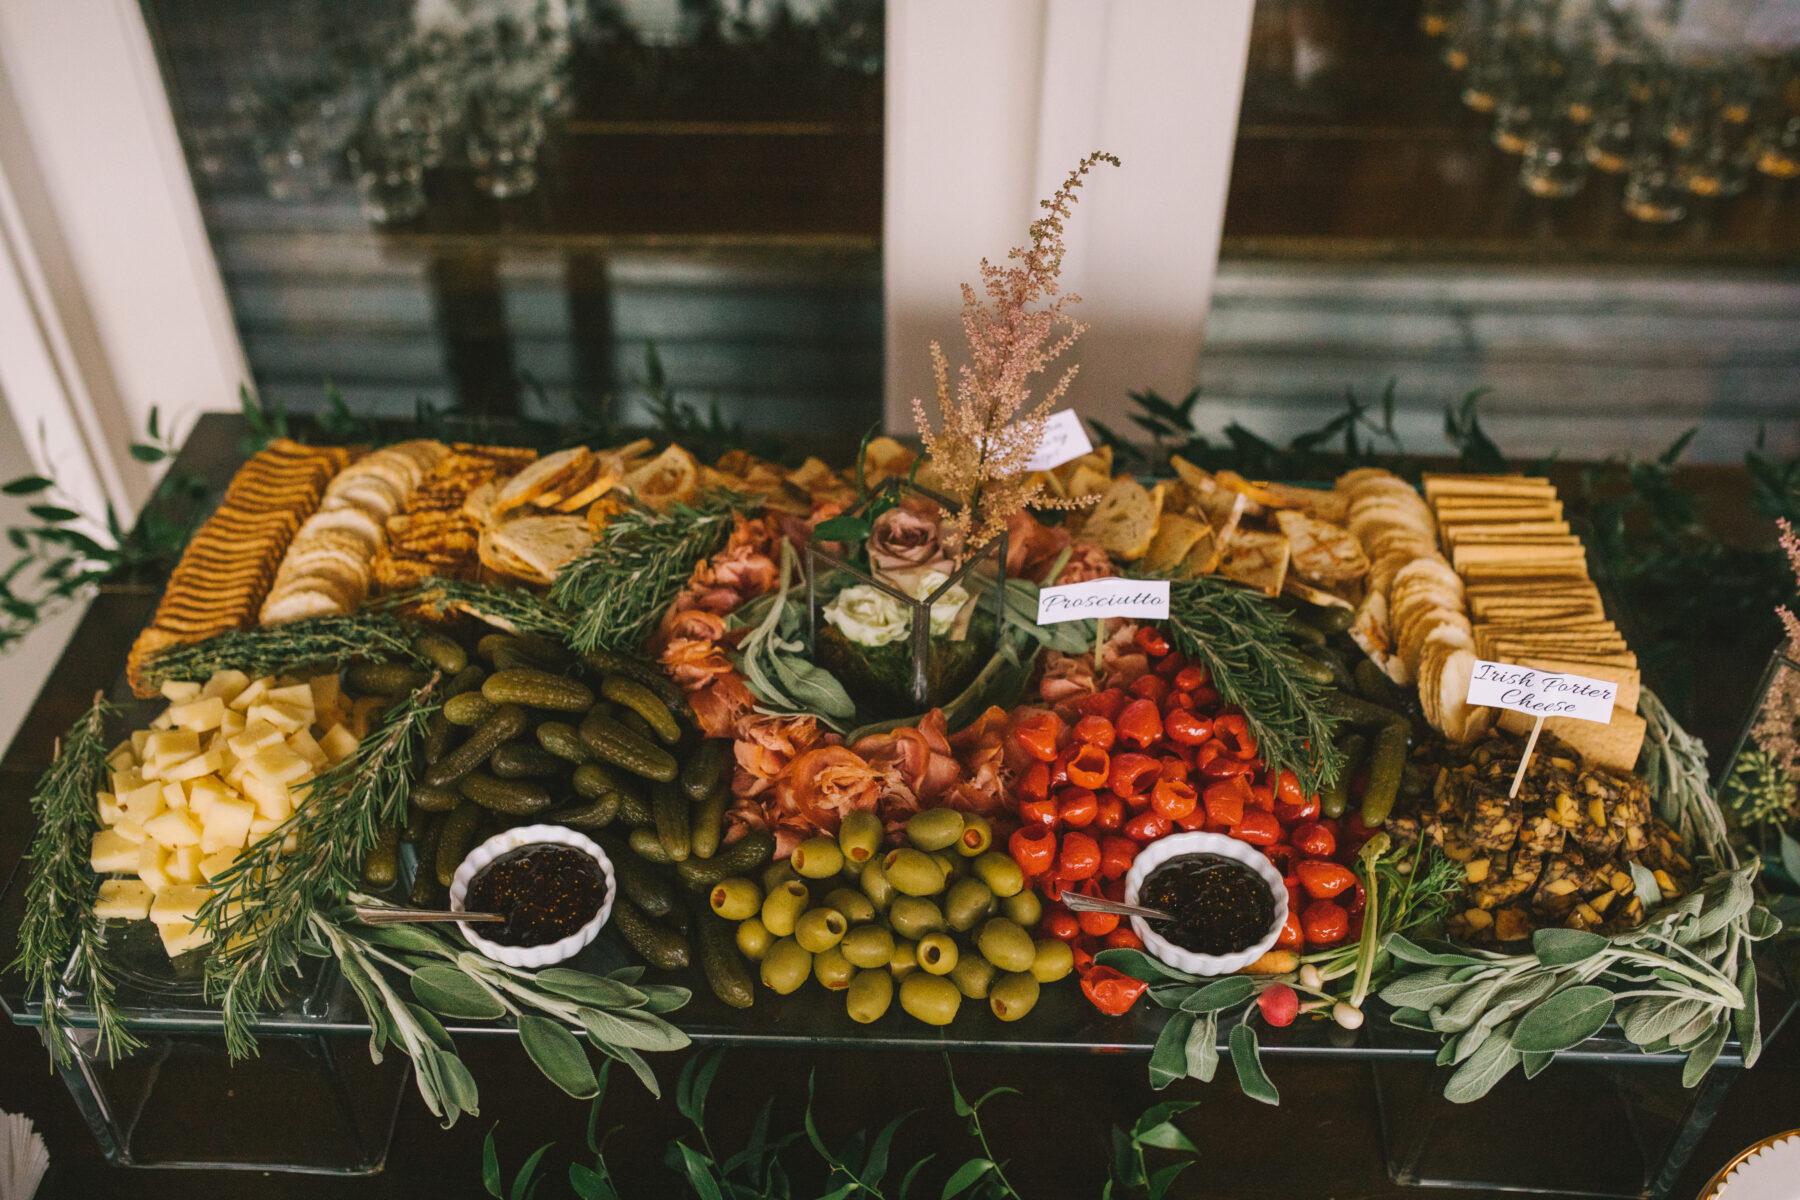 Chef's Market Nashville Catering | Nashville Bride Guide